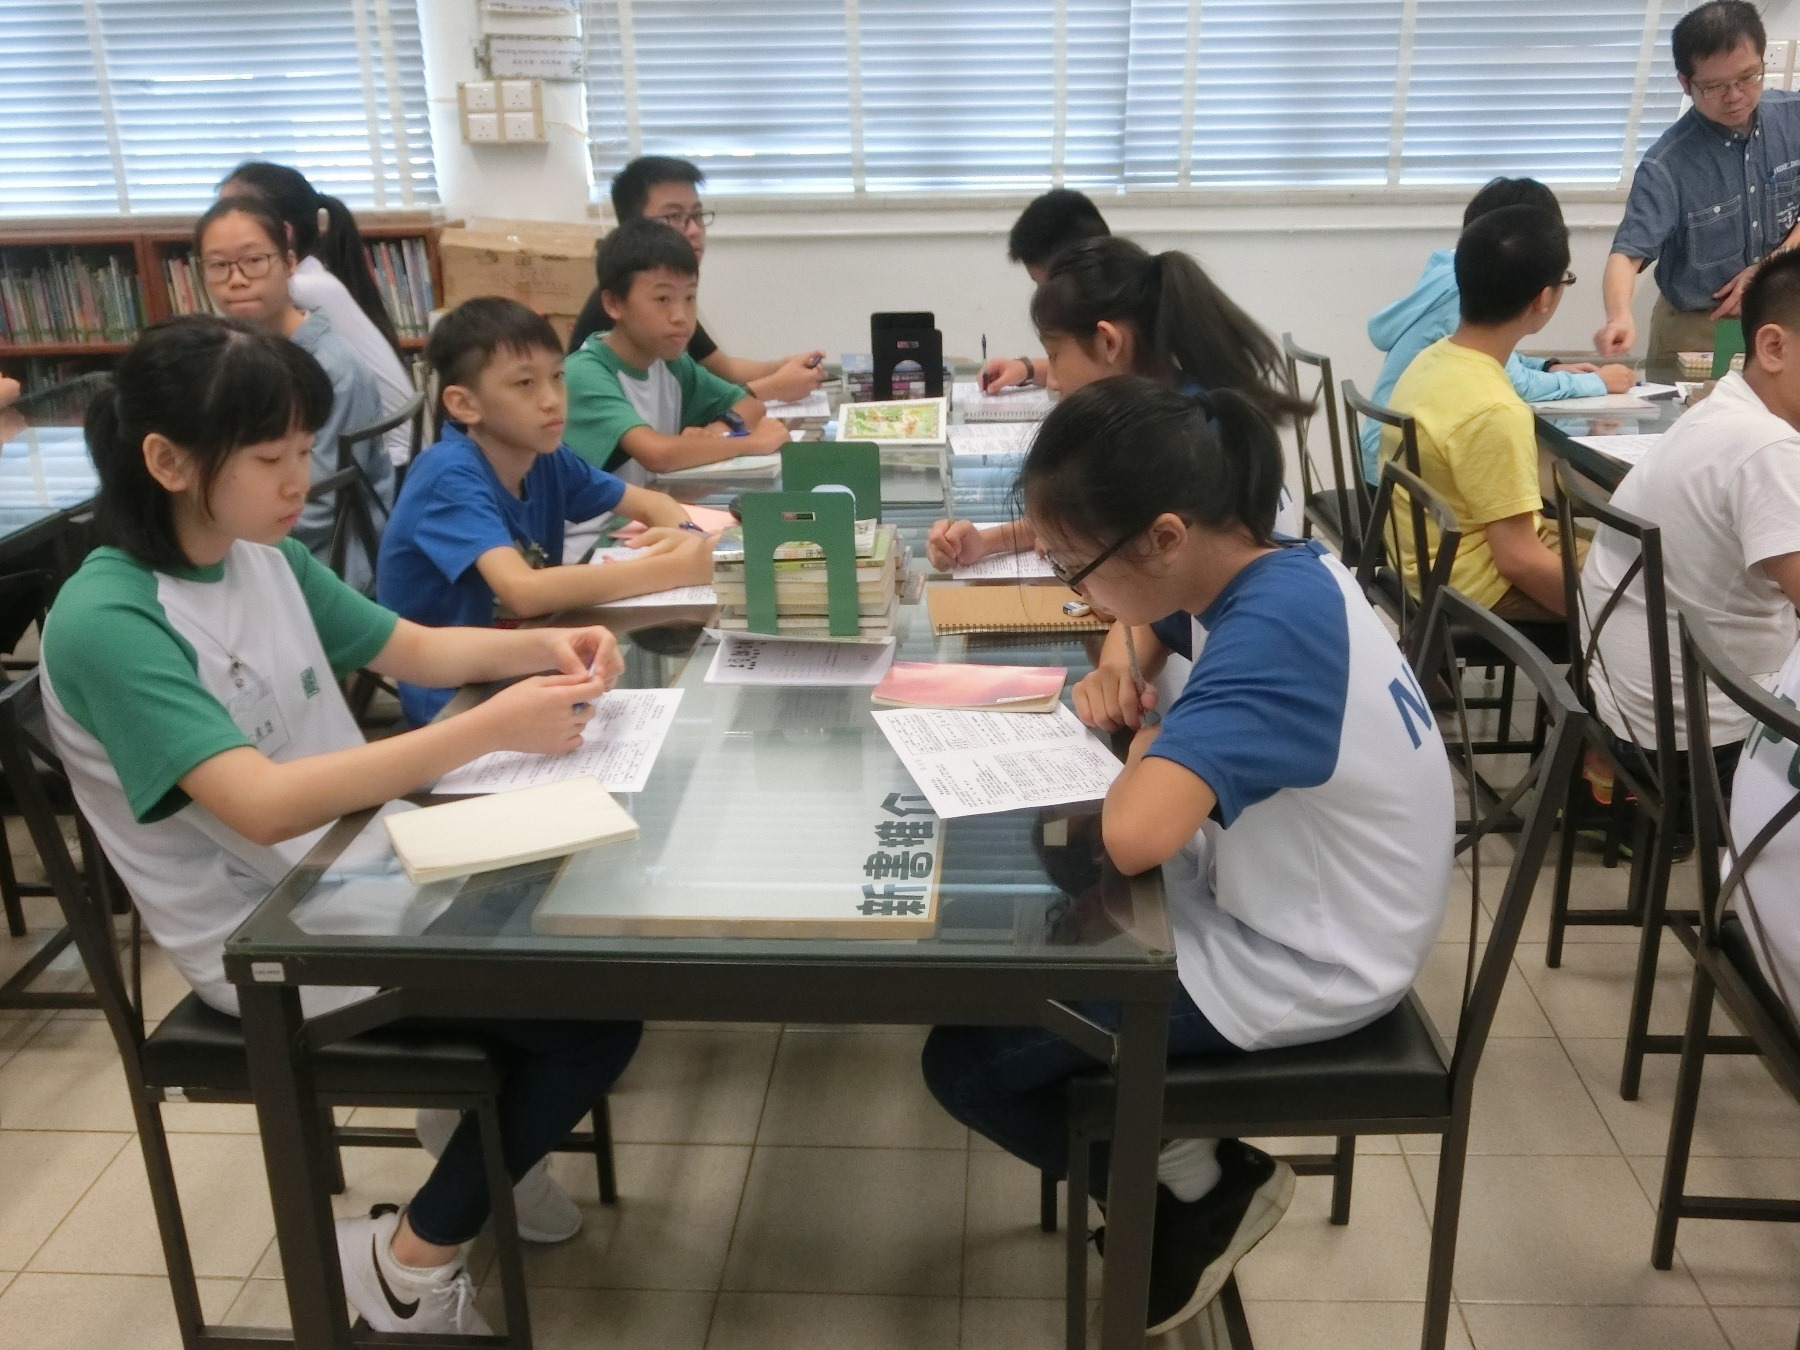 http://npc.edu.hk/sites/default/files/1c_kai_qi_zhi_shi_bao_ku_05.jpg